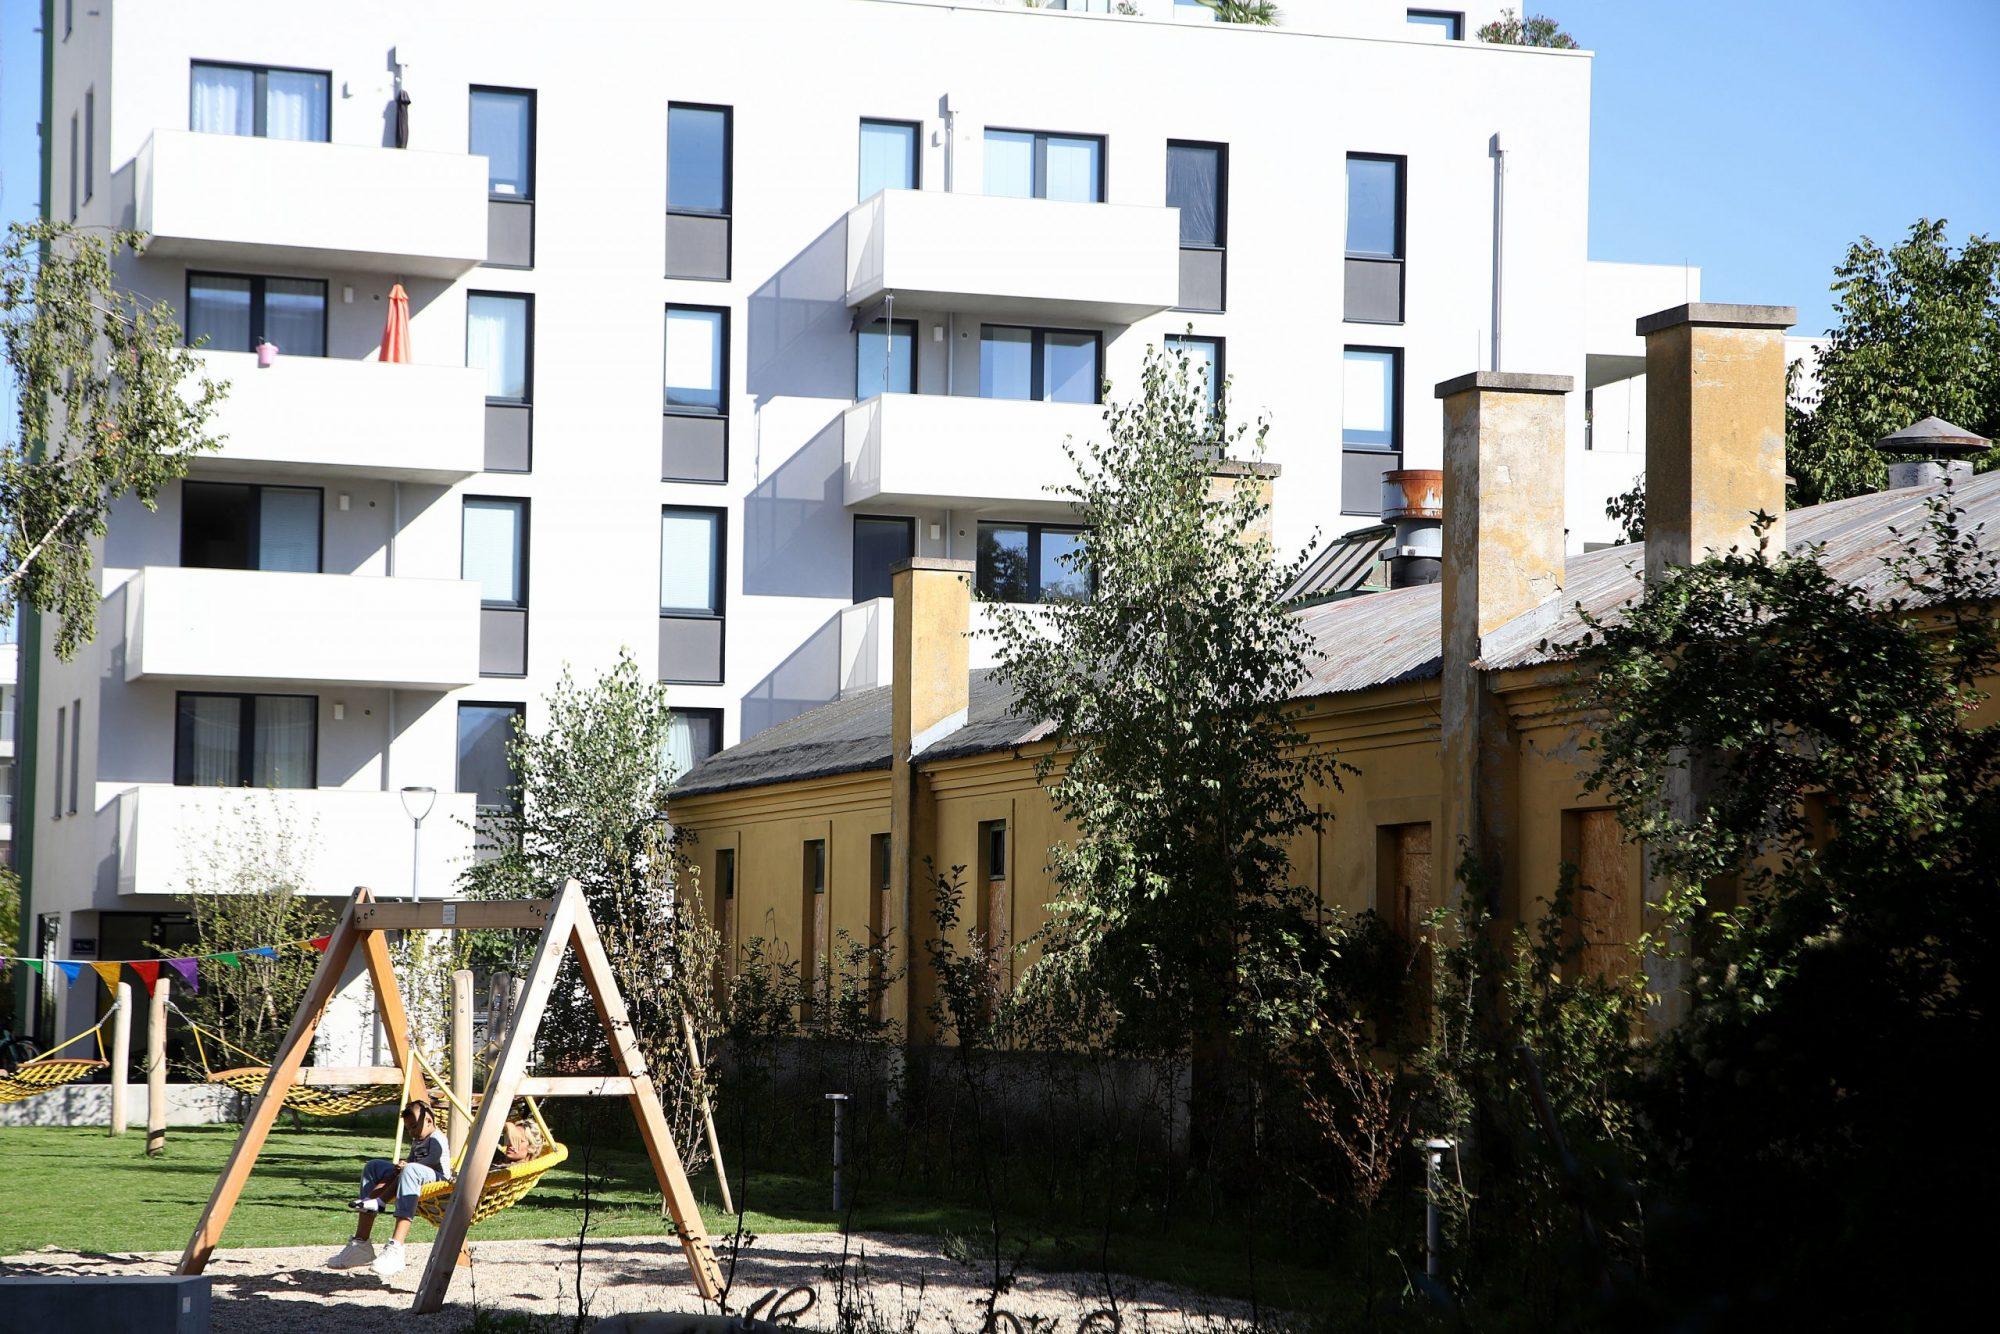 Der Mix aus denkmalgeschützten Gebäuden, Neubauten und alten Baumalleen verleiht Neu Leopoldau ein besonderes Flair. Etwa ein Drittel der mehr als 1.200 neuen Wohnungen insgesamt - rund 1.000 davon gefördert - wurden bereits fertiggestellt. Bild: PID/Votava.